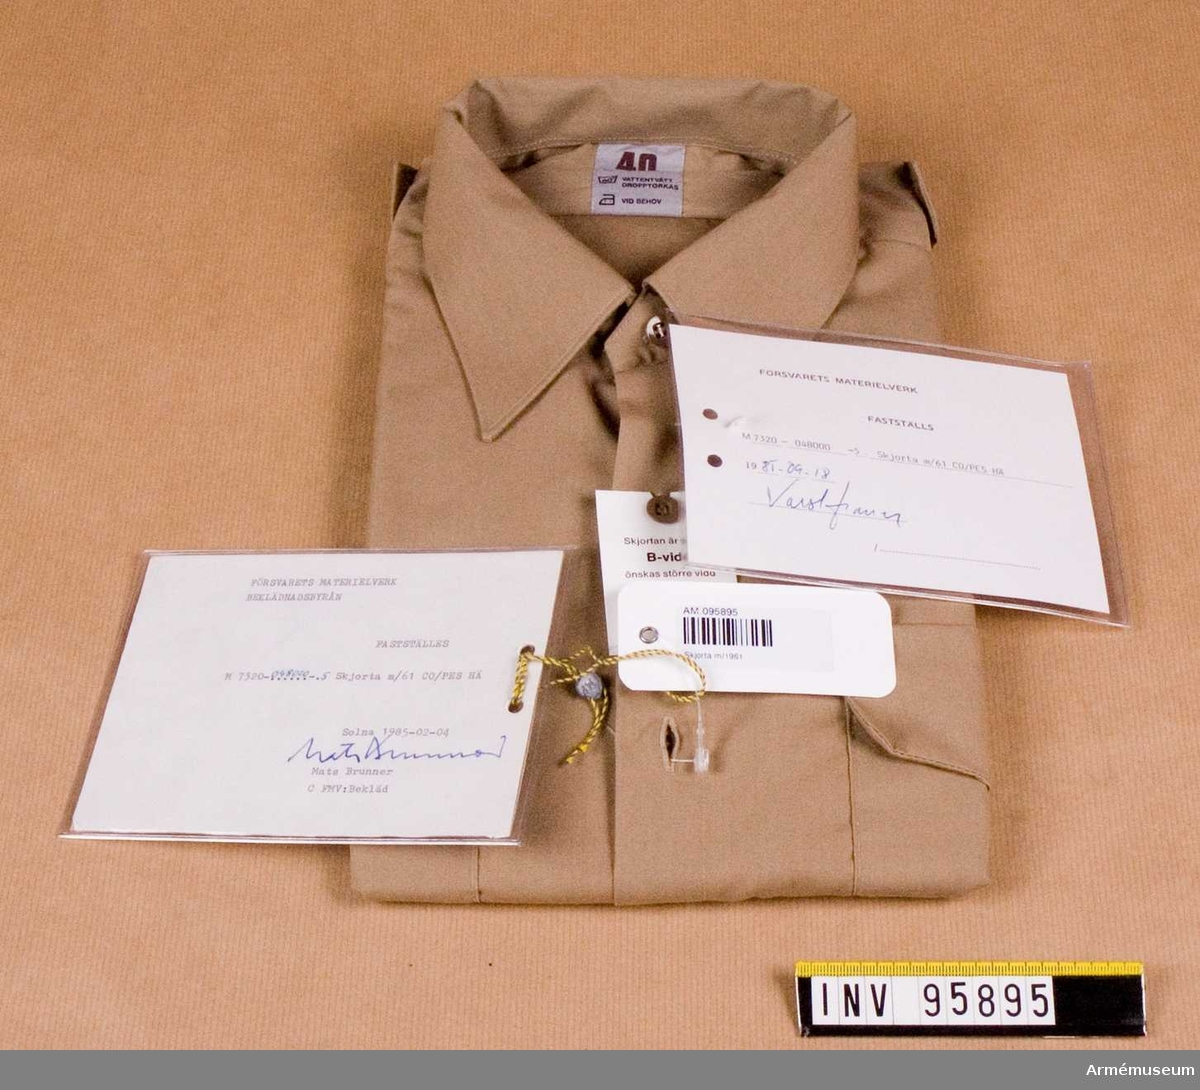 """Skjorta med hel, fast krage och ok av dubbelt tyg och kort ärm (tidigare benämnd halvlång). Skjortan har bröstfickor med knäppbart lock. Fasta axelklaffar, bredd 42-45 mm utan axelklaffshylsor. Skjortan är avsedd för uniform m/61 (tropikuniformen) och flottans långresedräkt. Två vidhängande etiketter. Text på den ena: """"Försvarets materielverk Fastställs M 7320-048000-5, Skjorta m/61 CO/PES HÄ, 1985-09-05  (oläslig underskrift)"""". Den andra etiketten är från beklädnadsbyrån och har likalydande text. Underskriven 1985-02-04 av Mats Brunner. På baksidan stämpel från arméstabens FN-avdelning och underskrift av Major Martin Waenseth."""